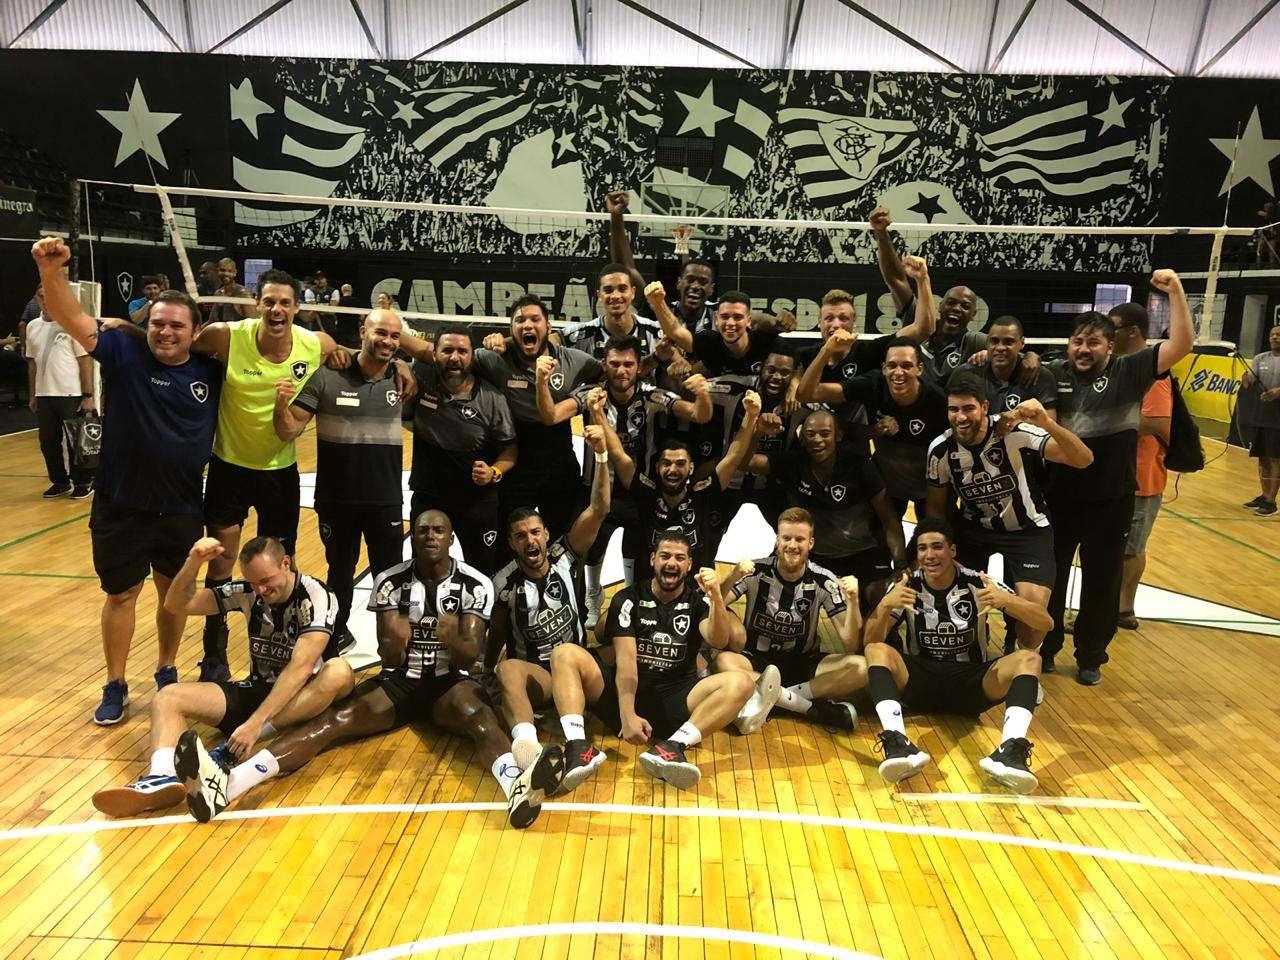 Supeliga B! Botafogo e Blumenau conquistam acesso e fazem final